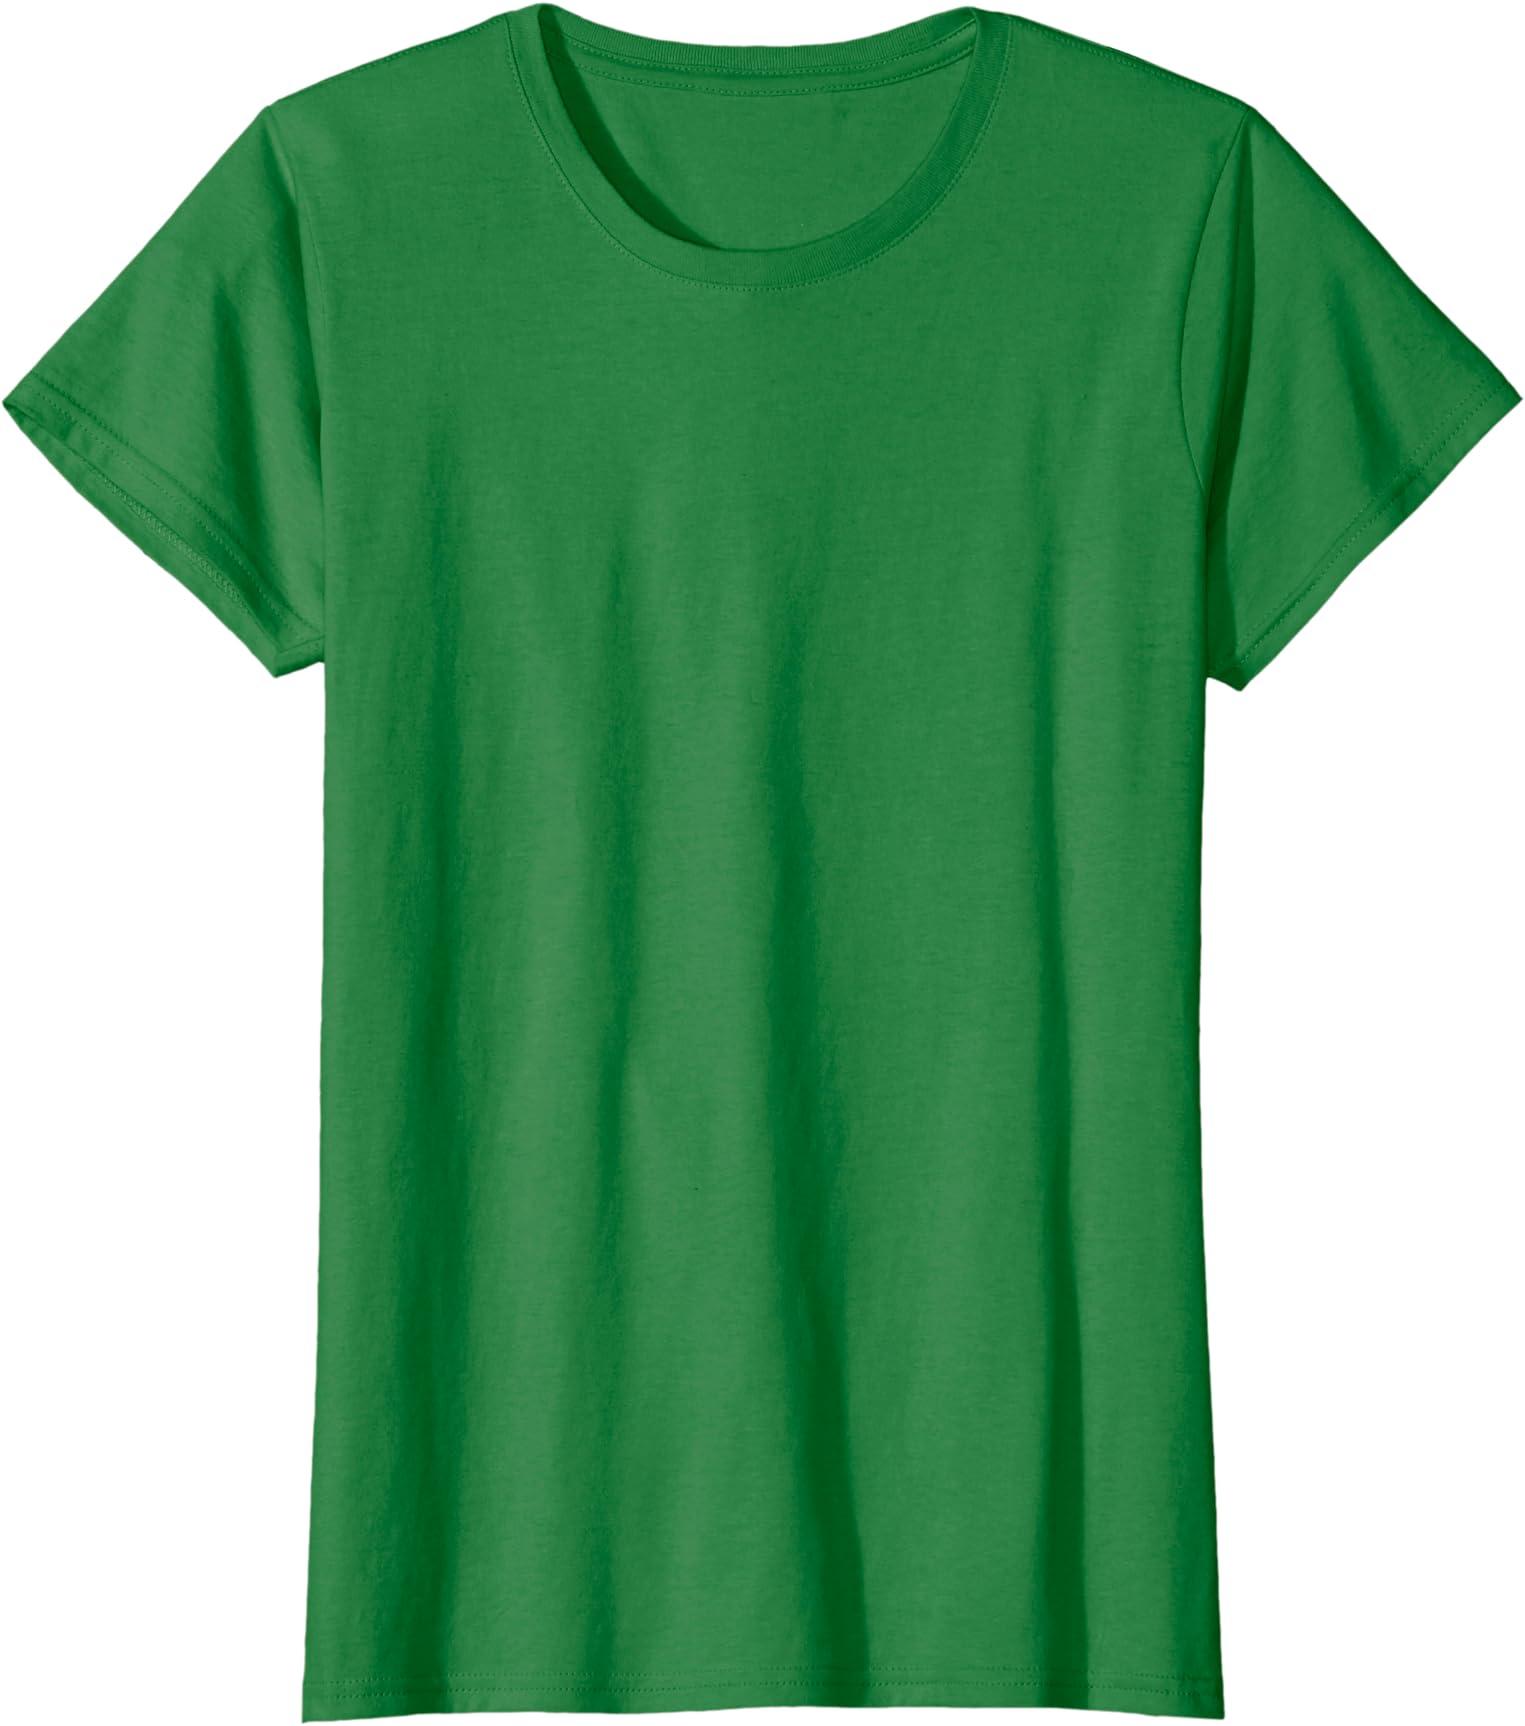 Mmm Pi pie T-shirt funny joke nerd geek